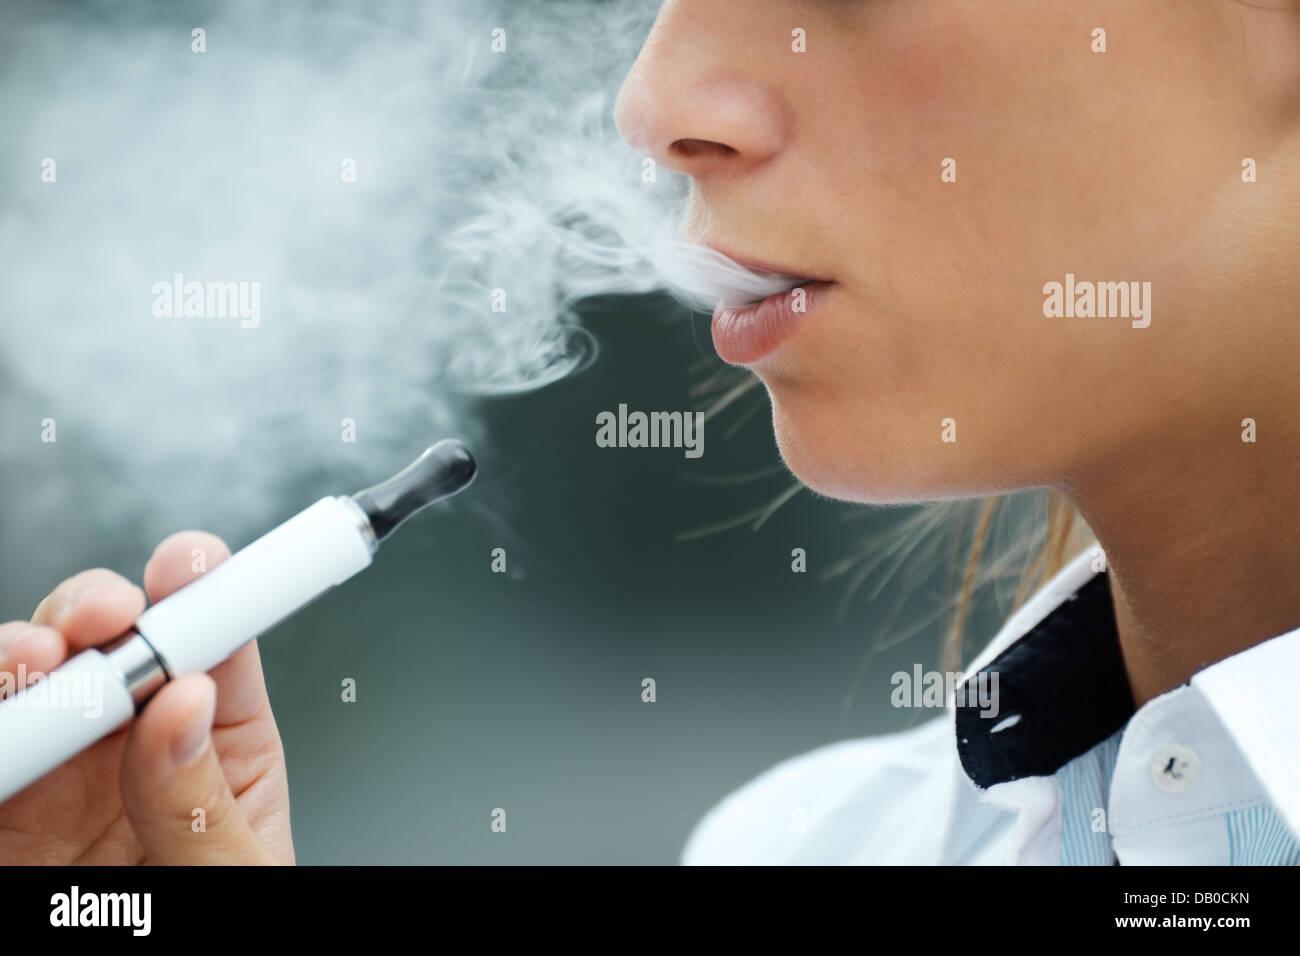 Primo piano della donna e fumo di sigaretta e godendo di fumo. Spazio di copia Immagini Stock